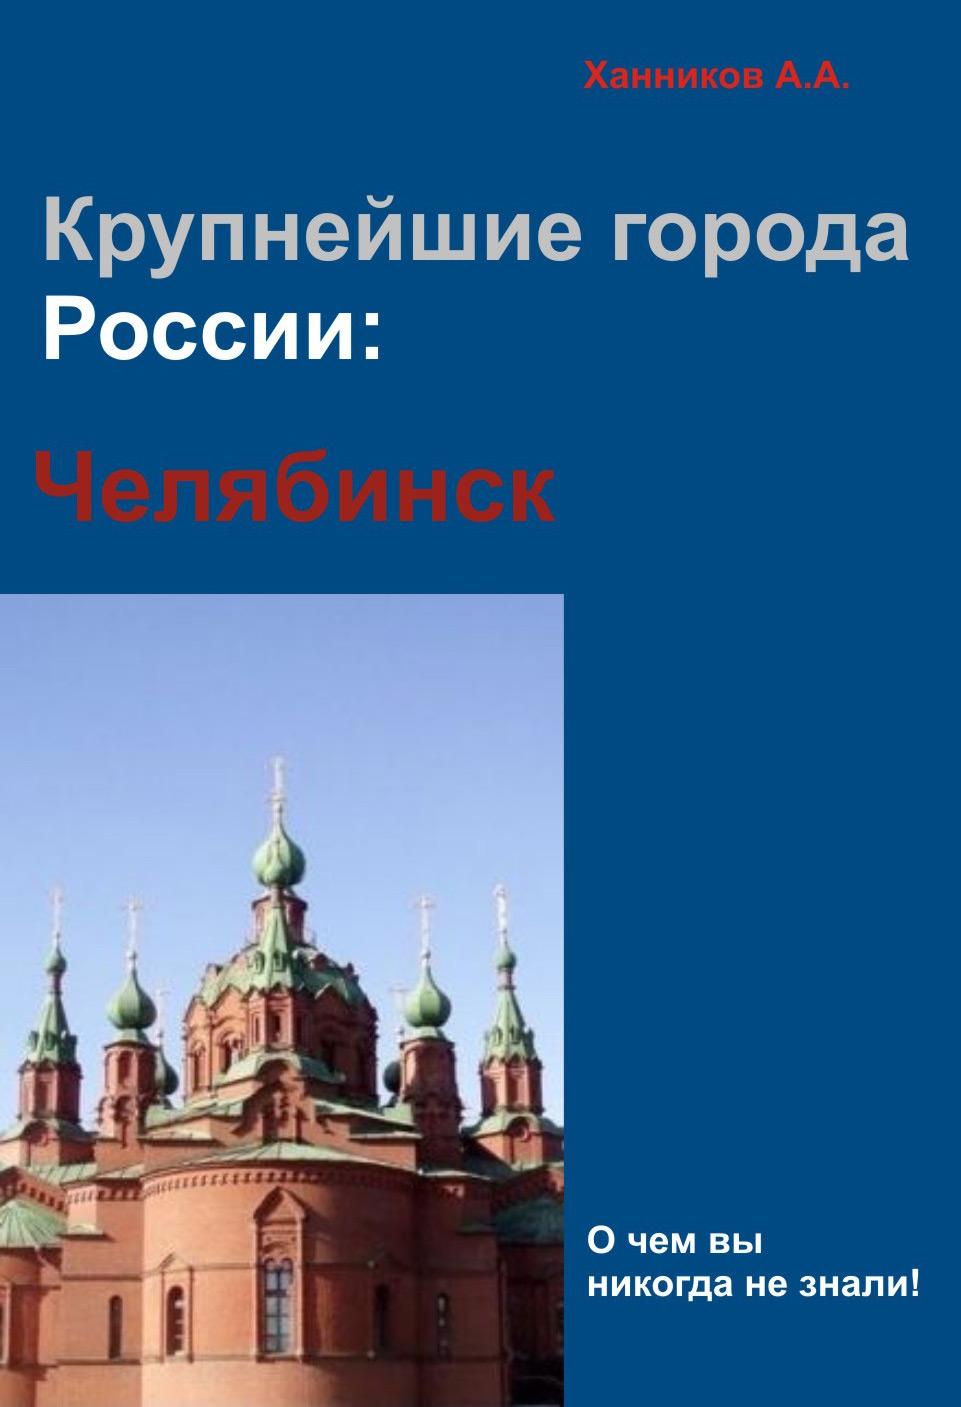 Александр Ханников Челябинск квартиры в парково челябинск